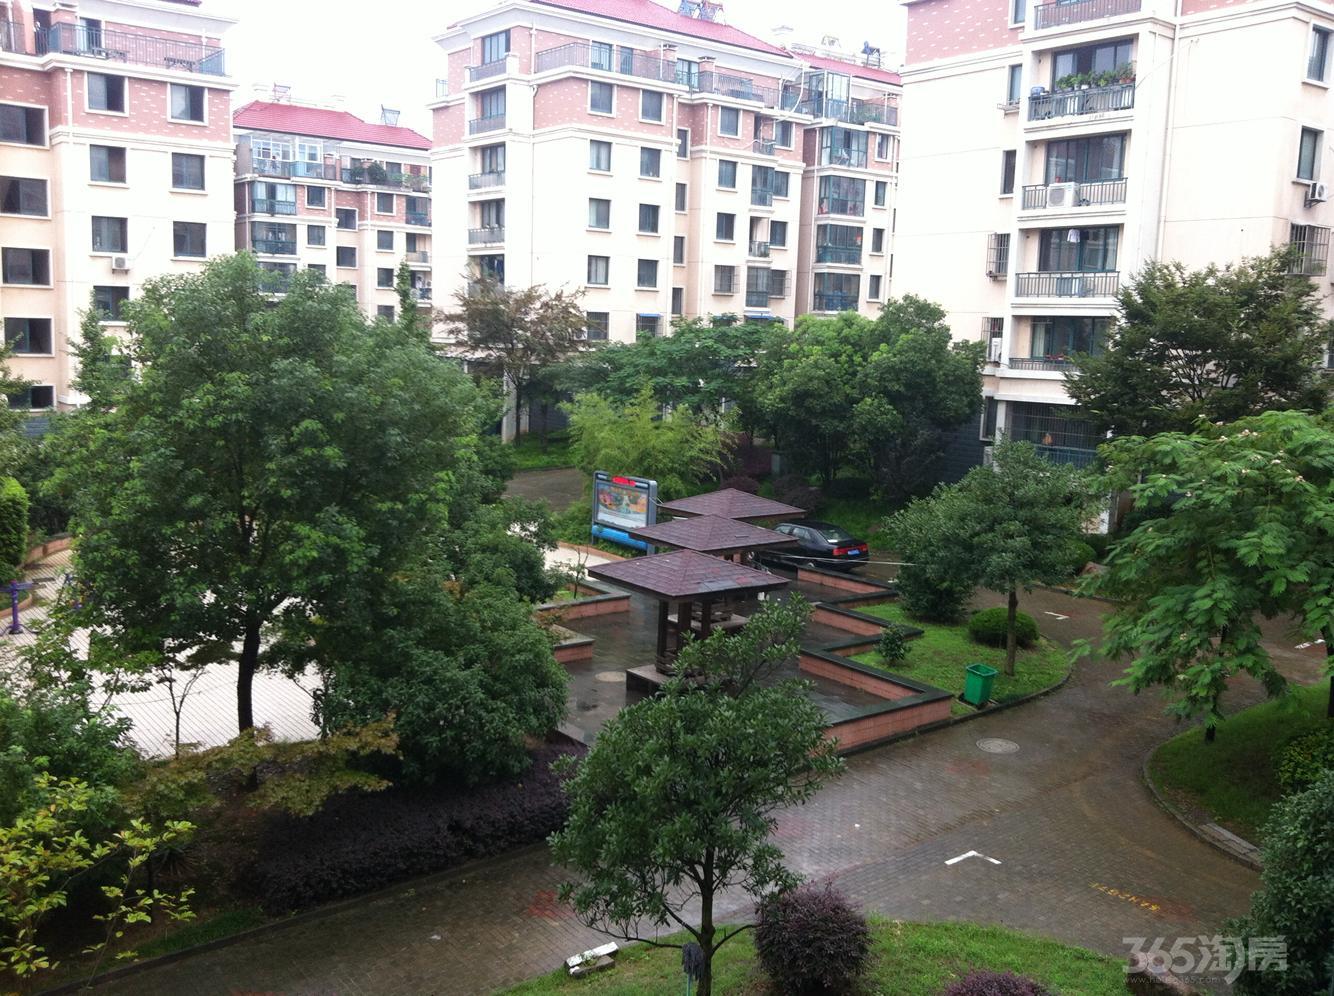 钱塘望景花园2室2厅1卫96平米毛坯产权房2007年建